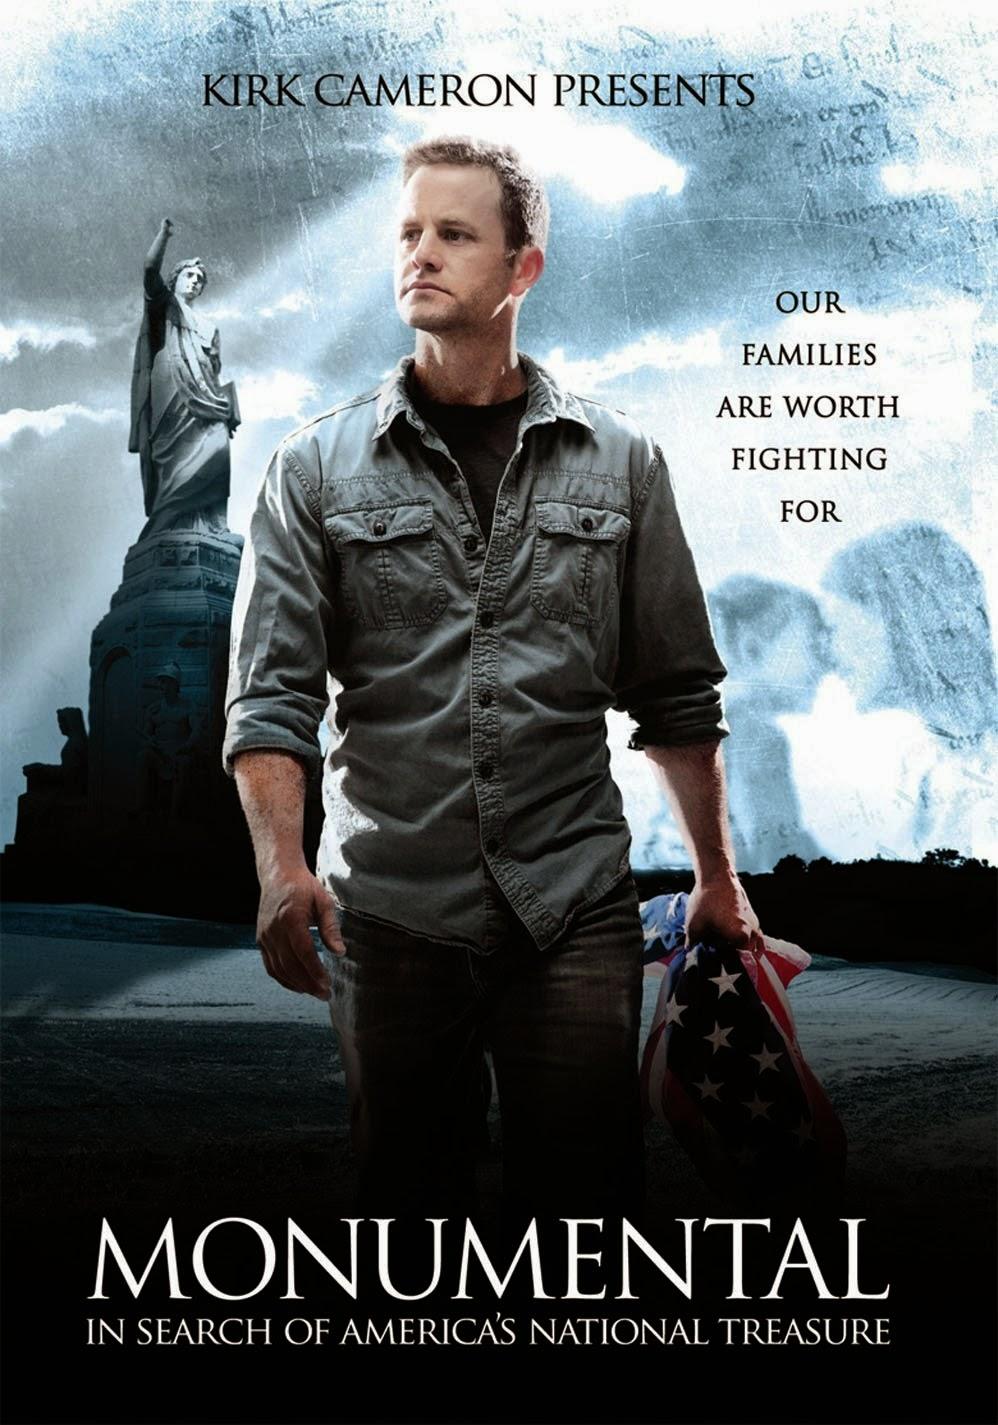 http://www.amazon.com/Monumental-Search-Americas-National-Treasure/dp/B0085Z6ZHE/ref=sr_1_2?s=movies-tv&ie=UTF8&qid=1390333029&sr=1-2&keywords=monumental